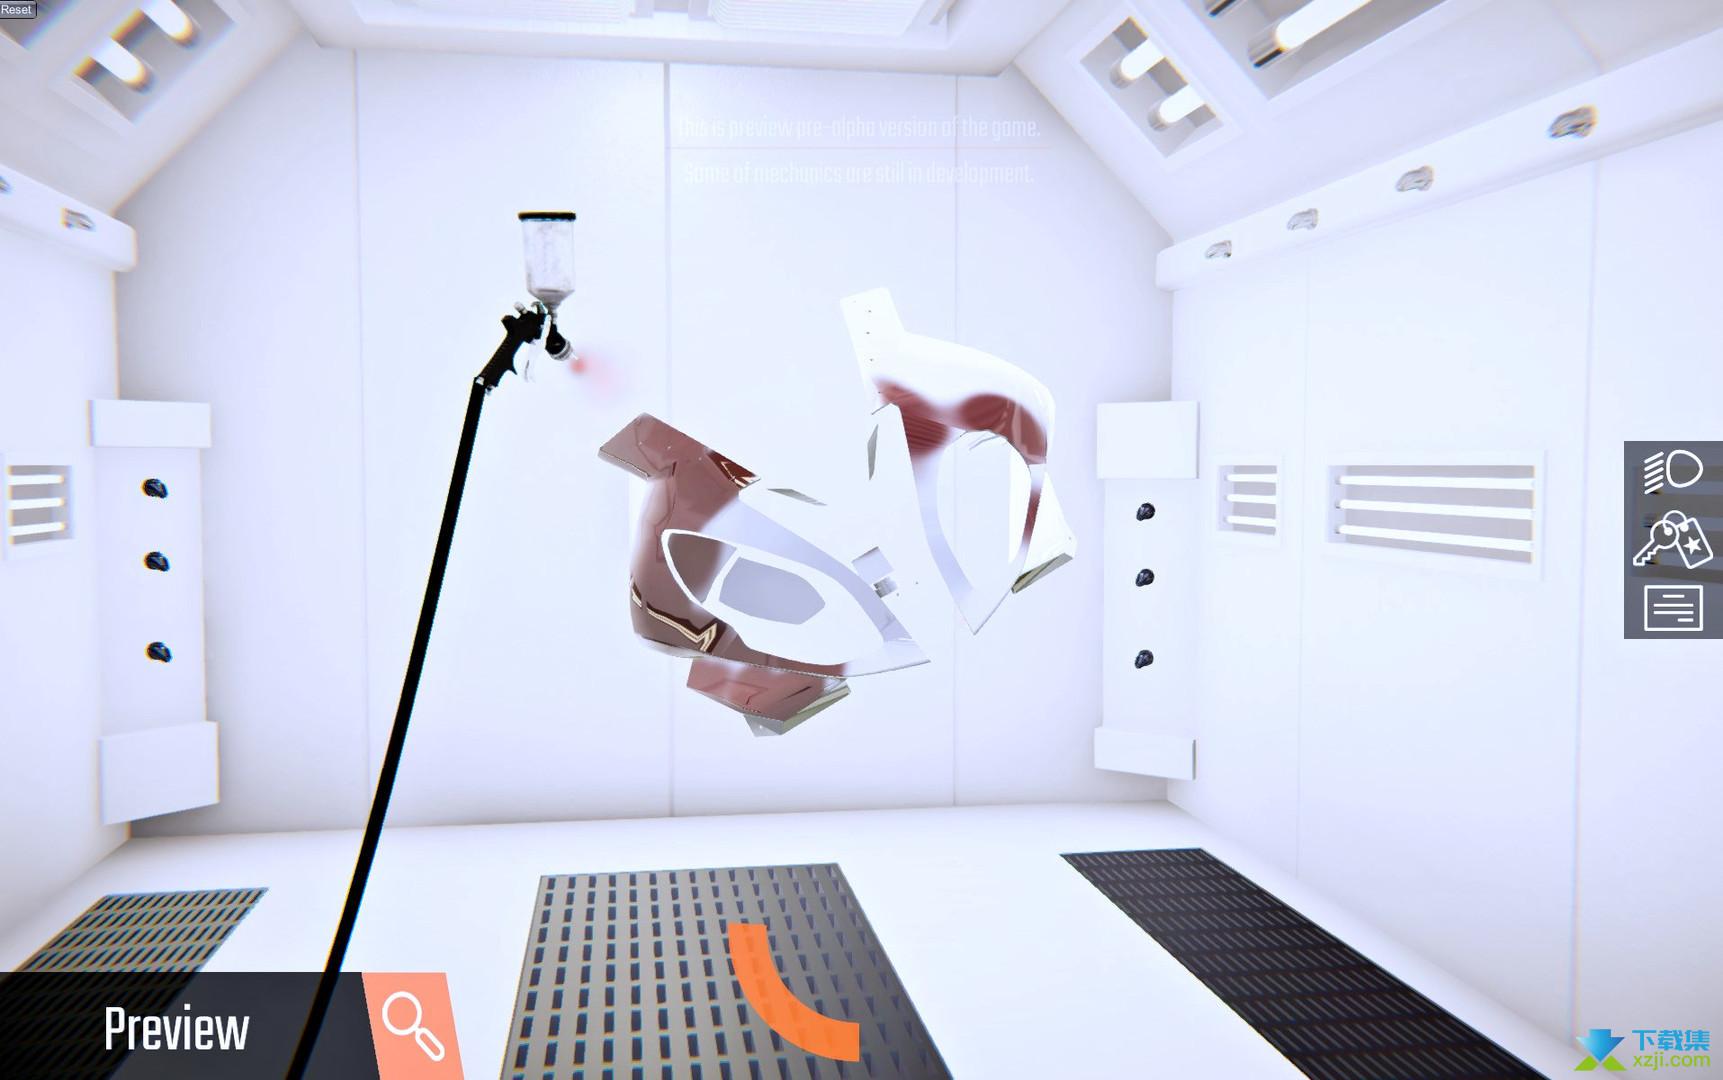 摩托工坊机修模拟器界面3